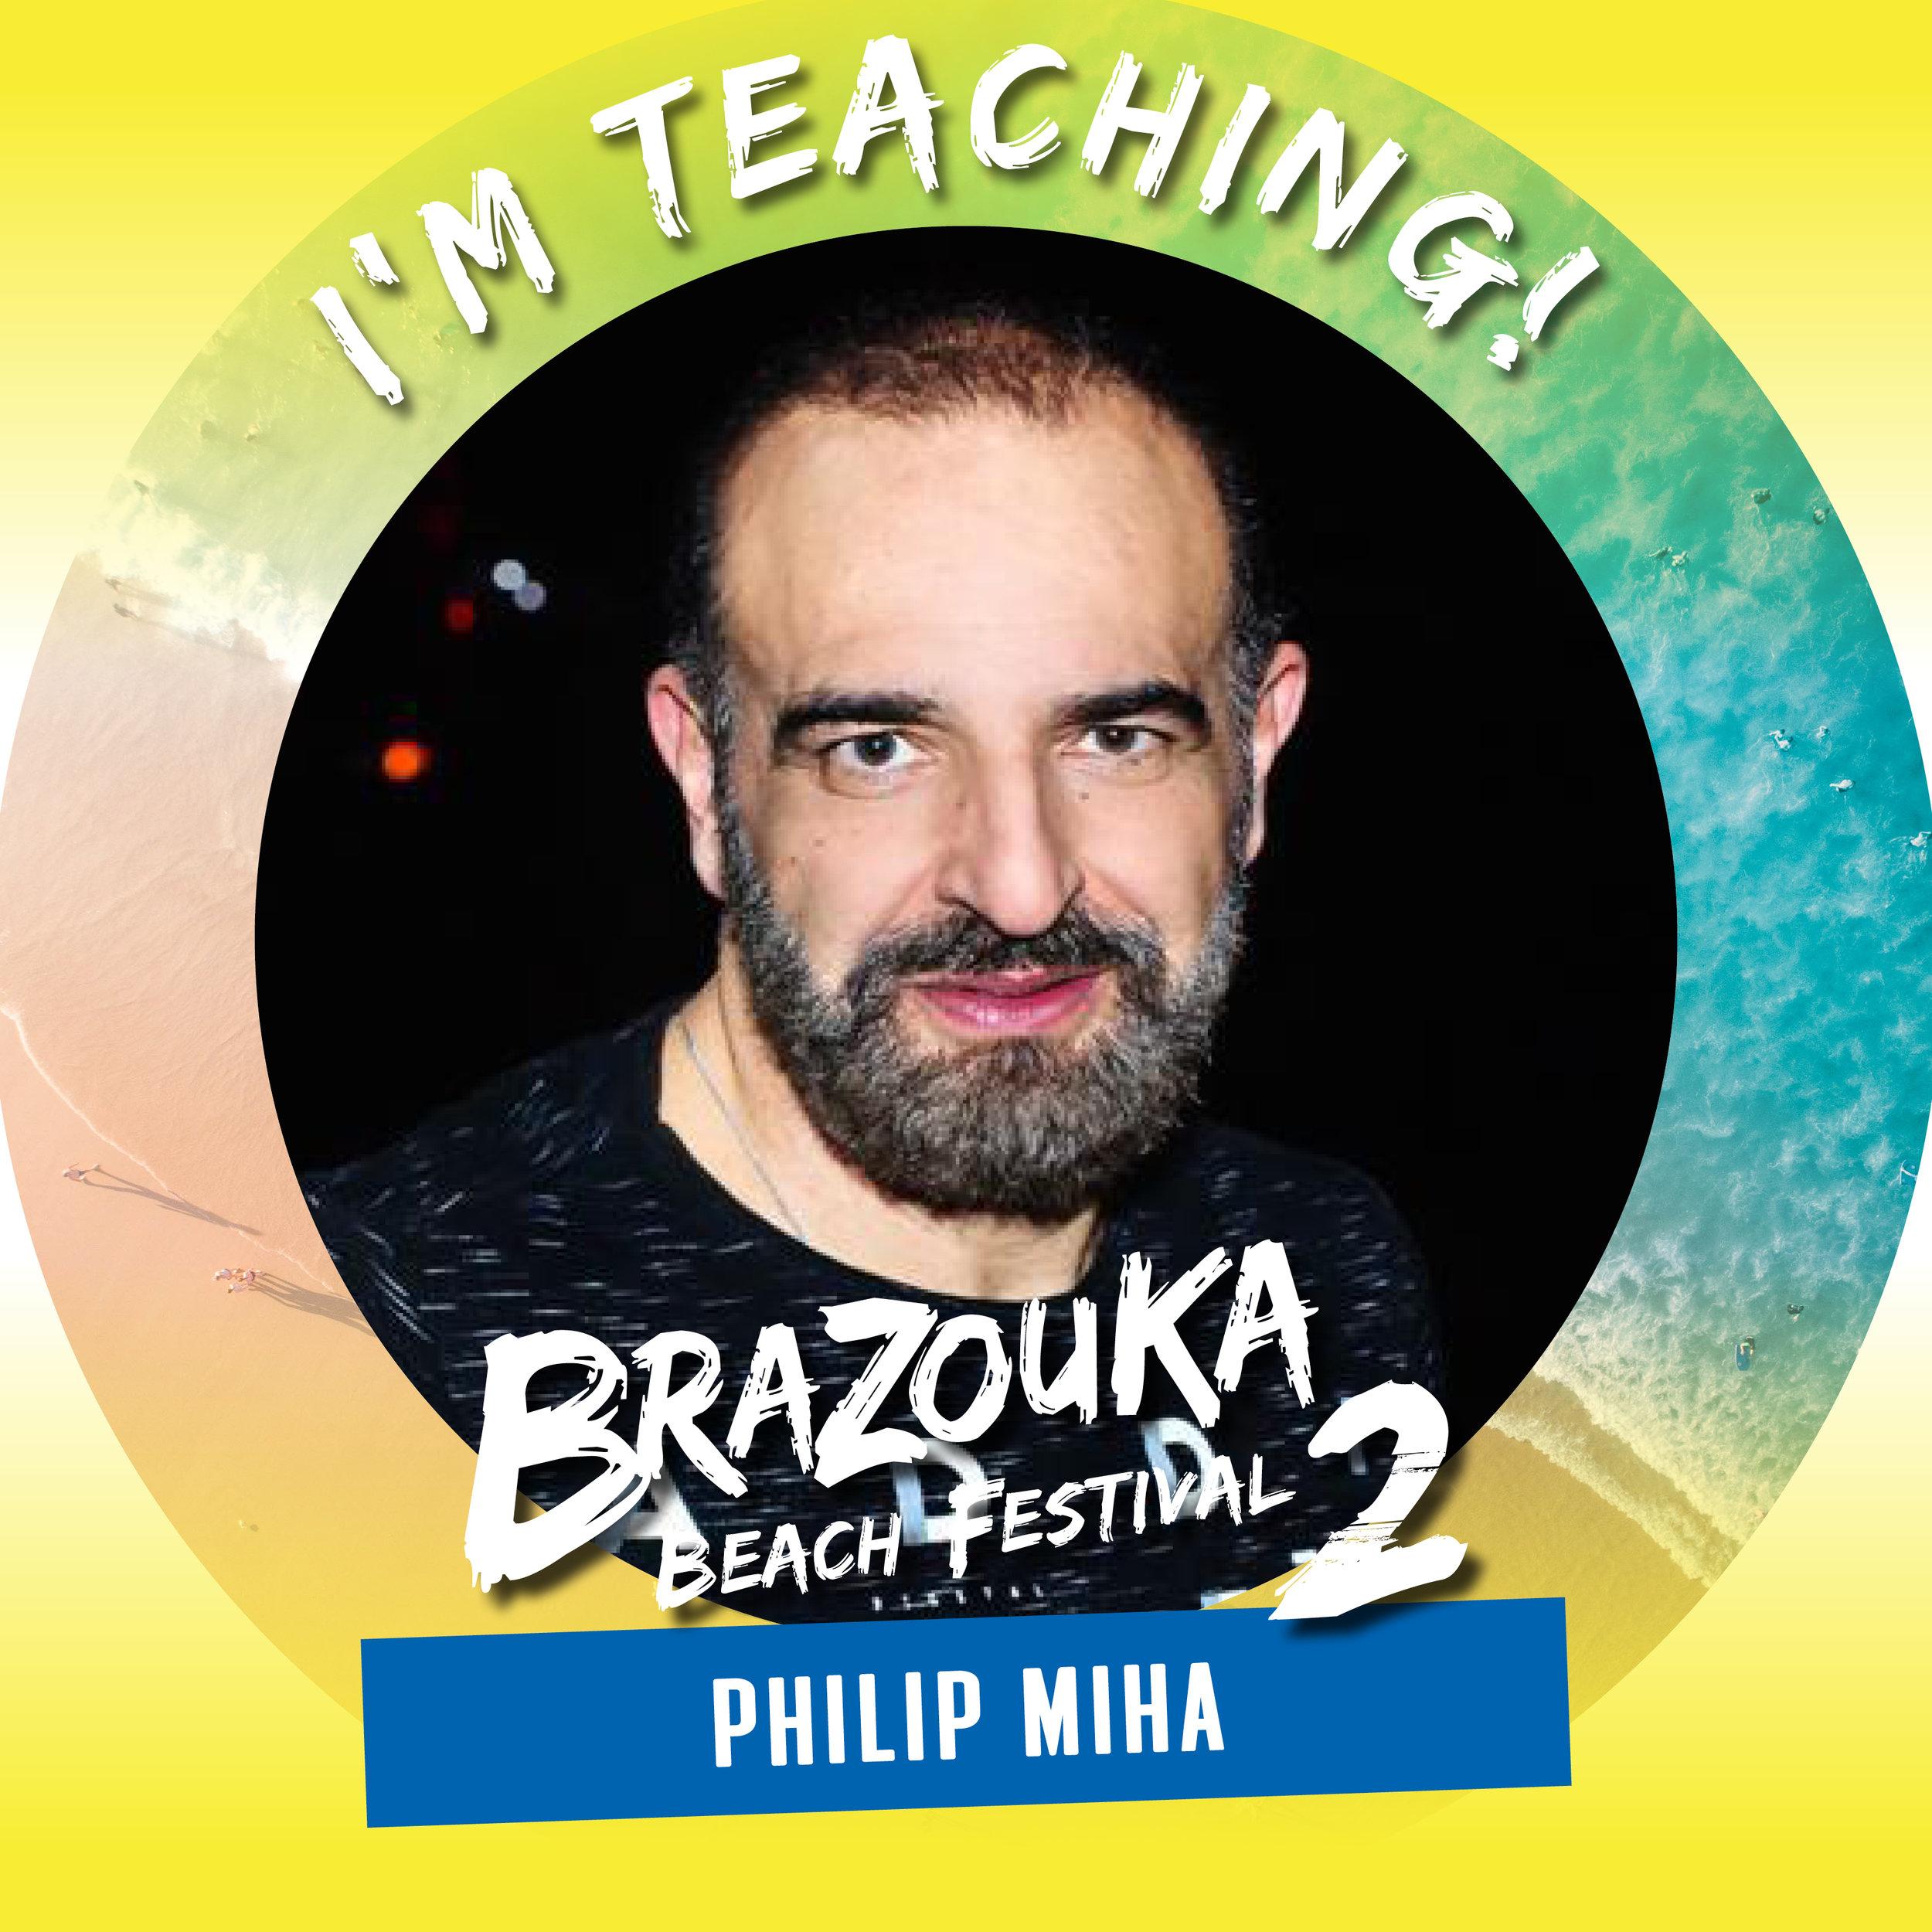 Philip Miha